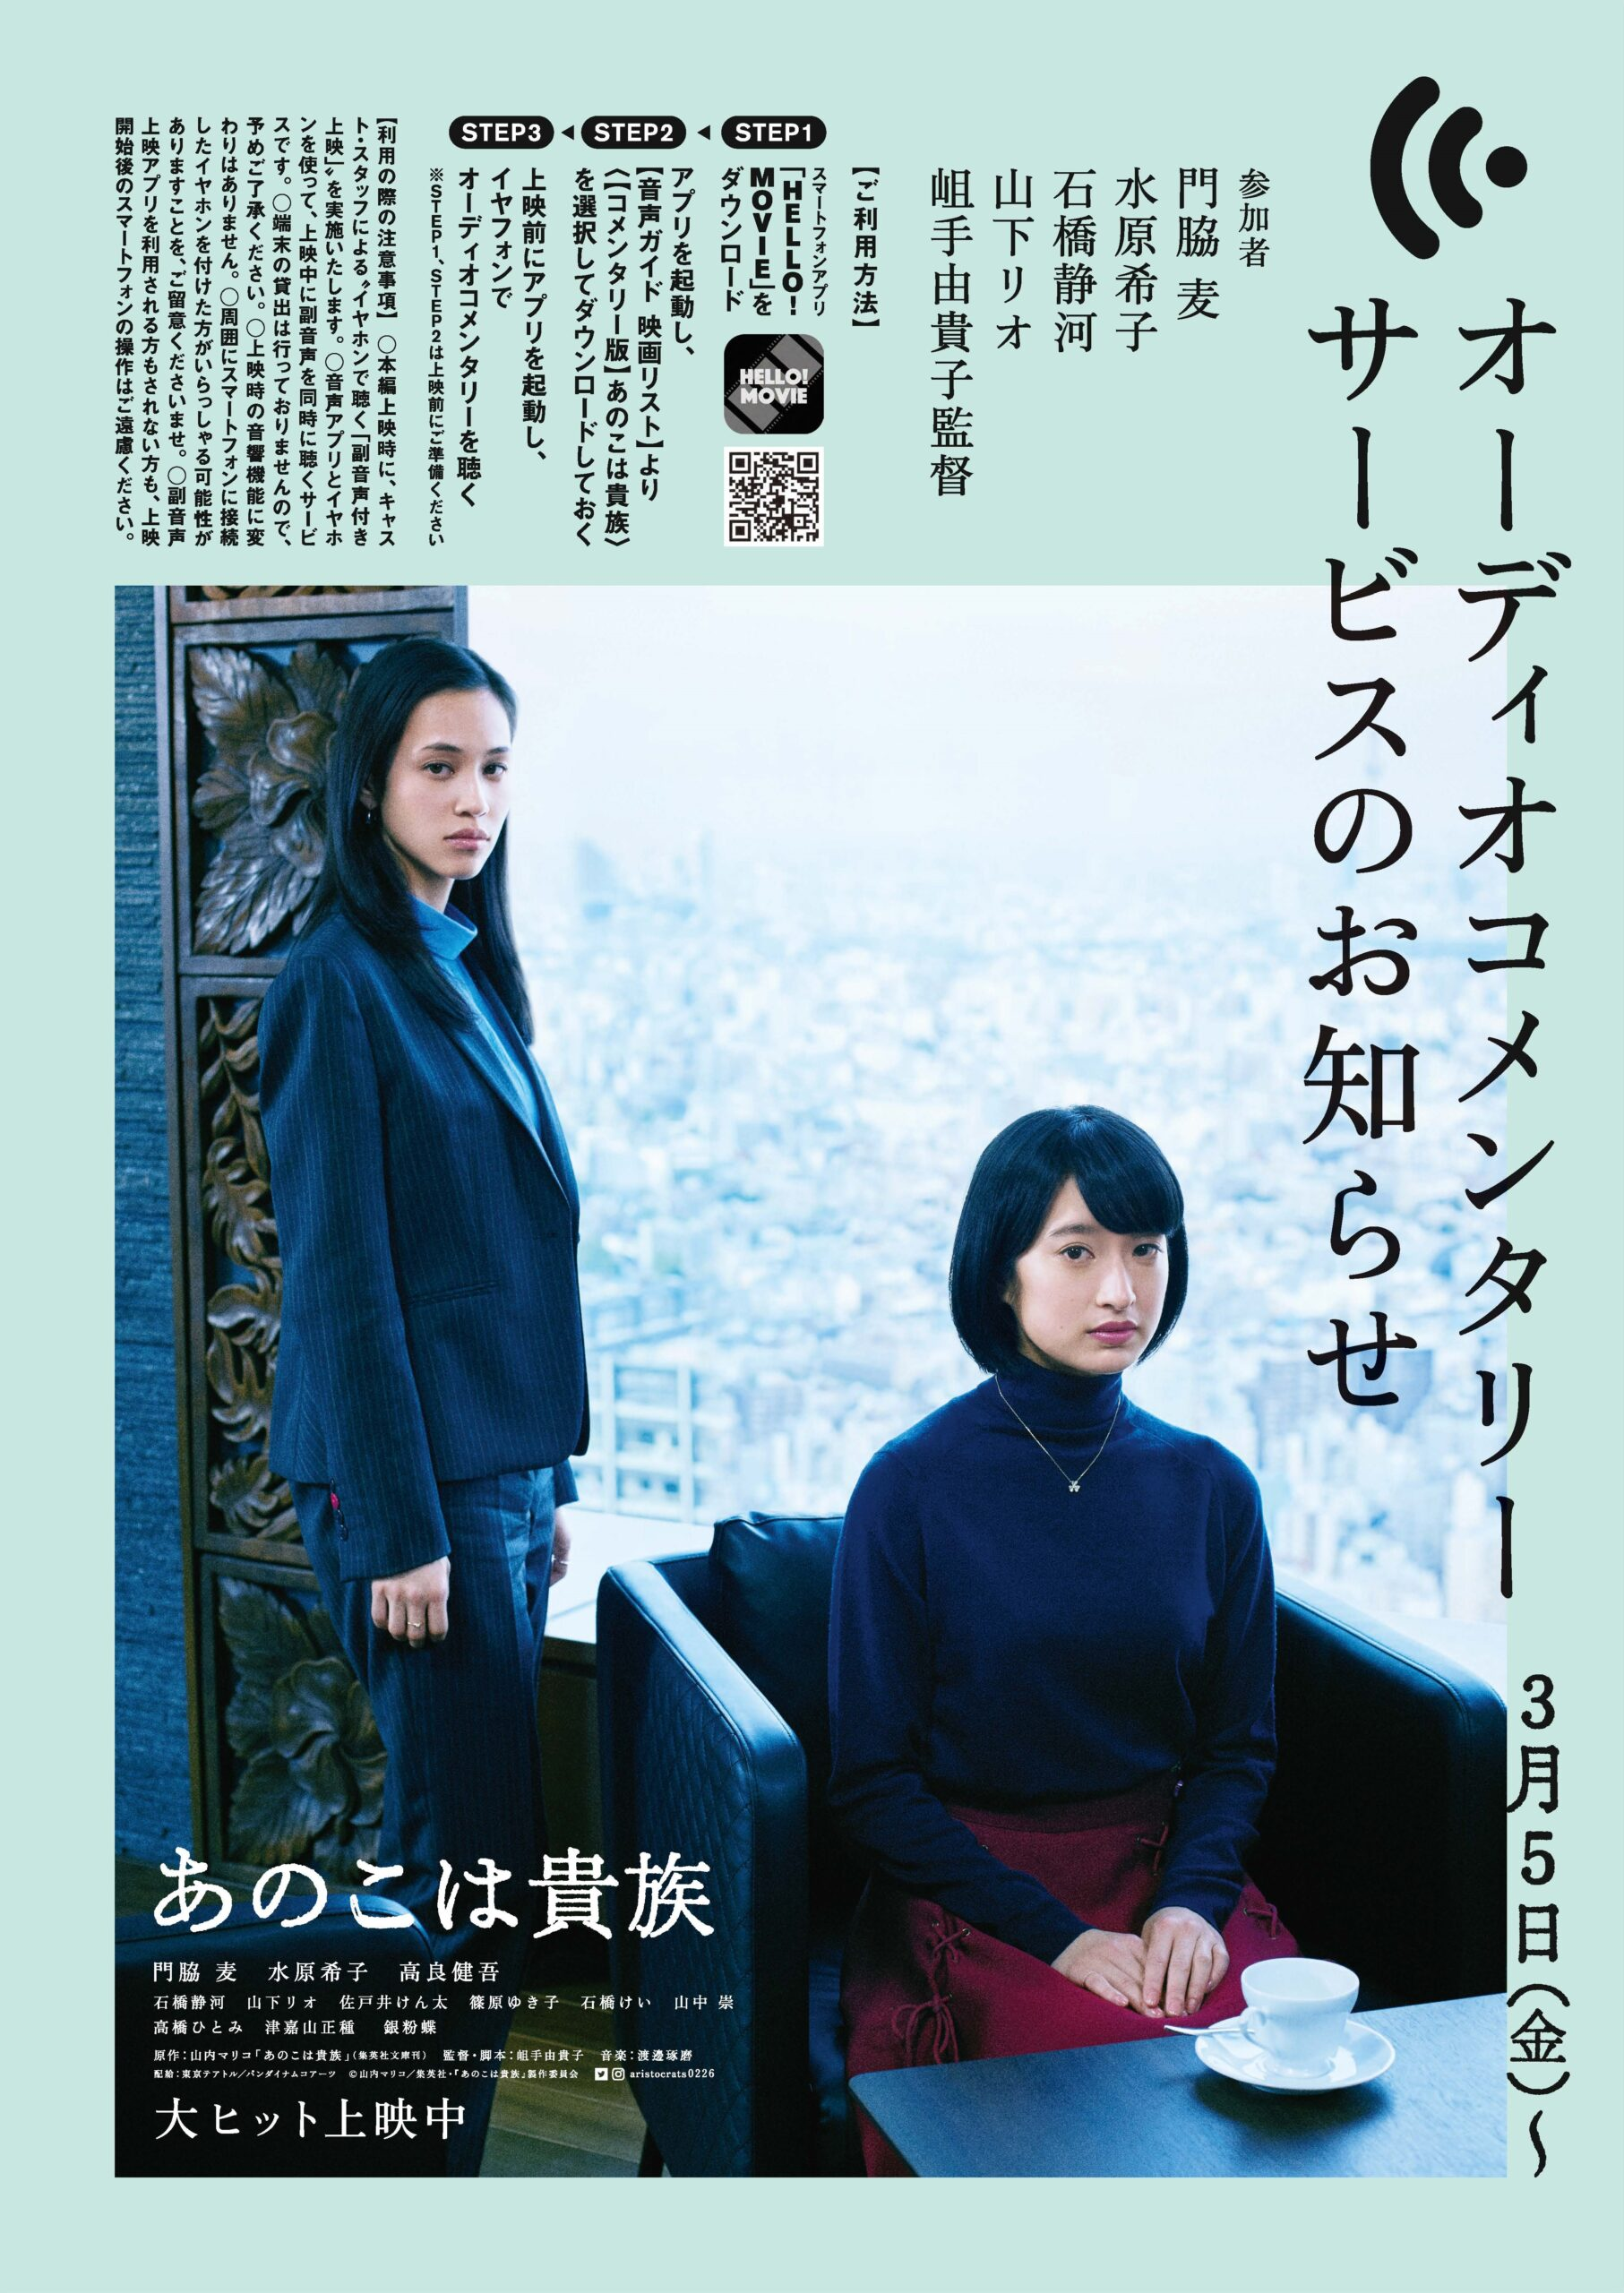 『あのこは貴族』は ≪UDCast≫ による日本語副音声に対応しています